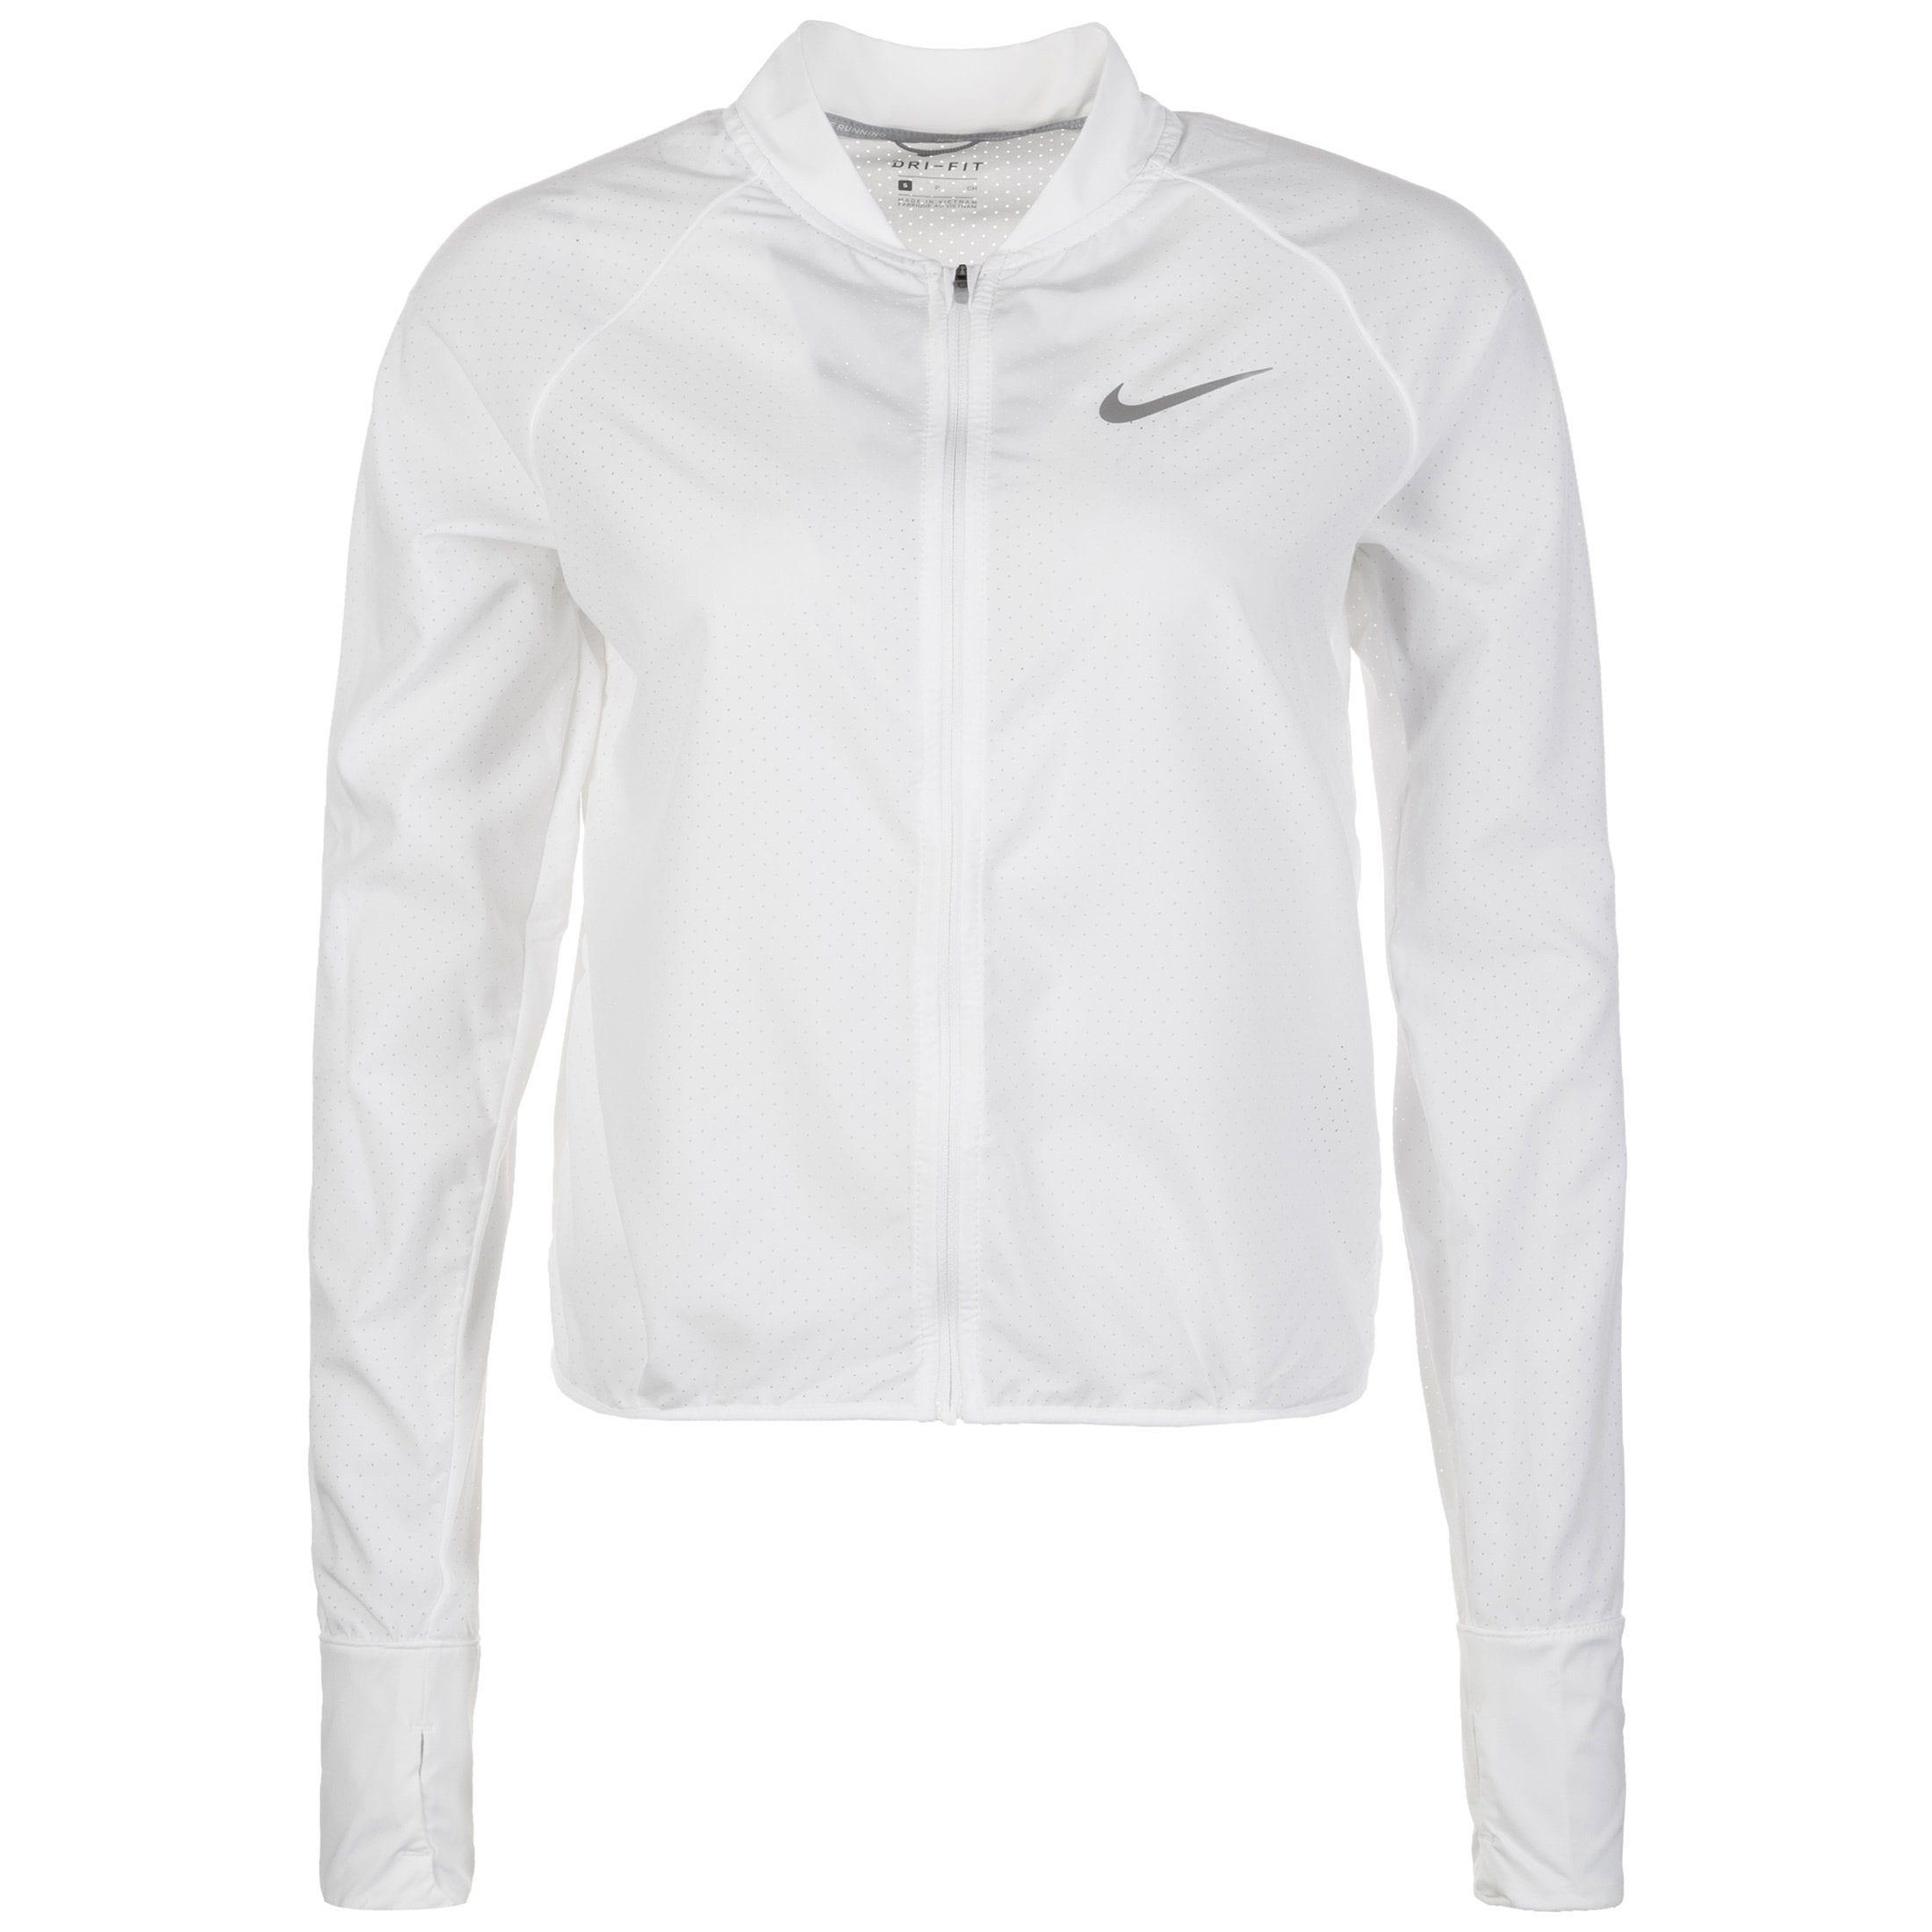 Nike Laufjacke City Bomber | Sportbekleidung > Sportjacken > Laufjacken | Weiß | Nike